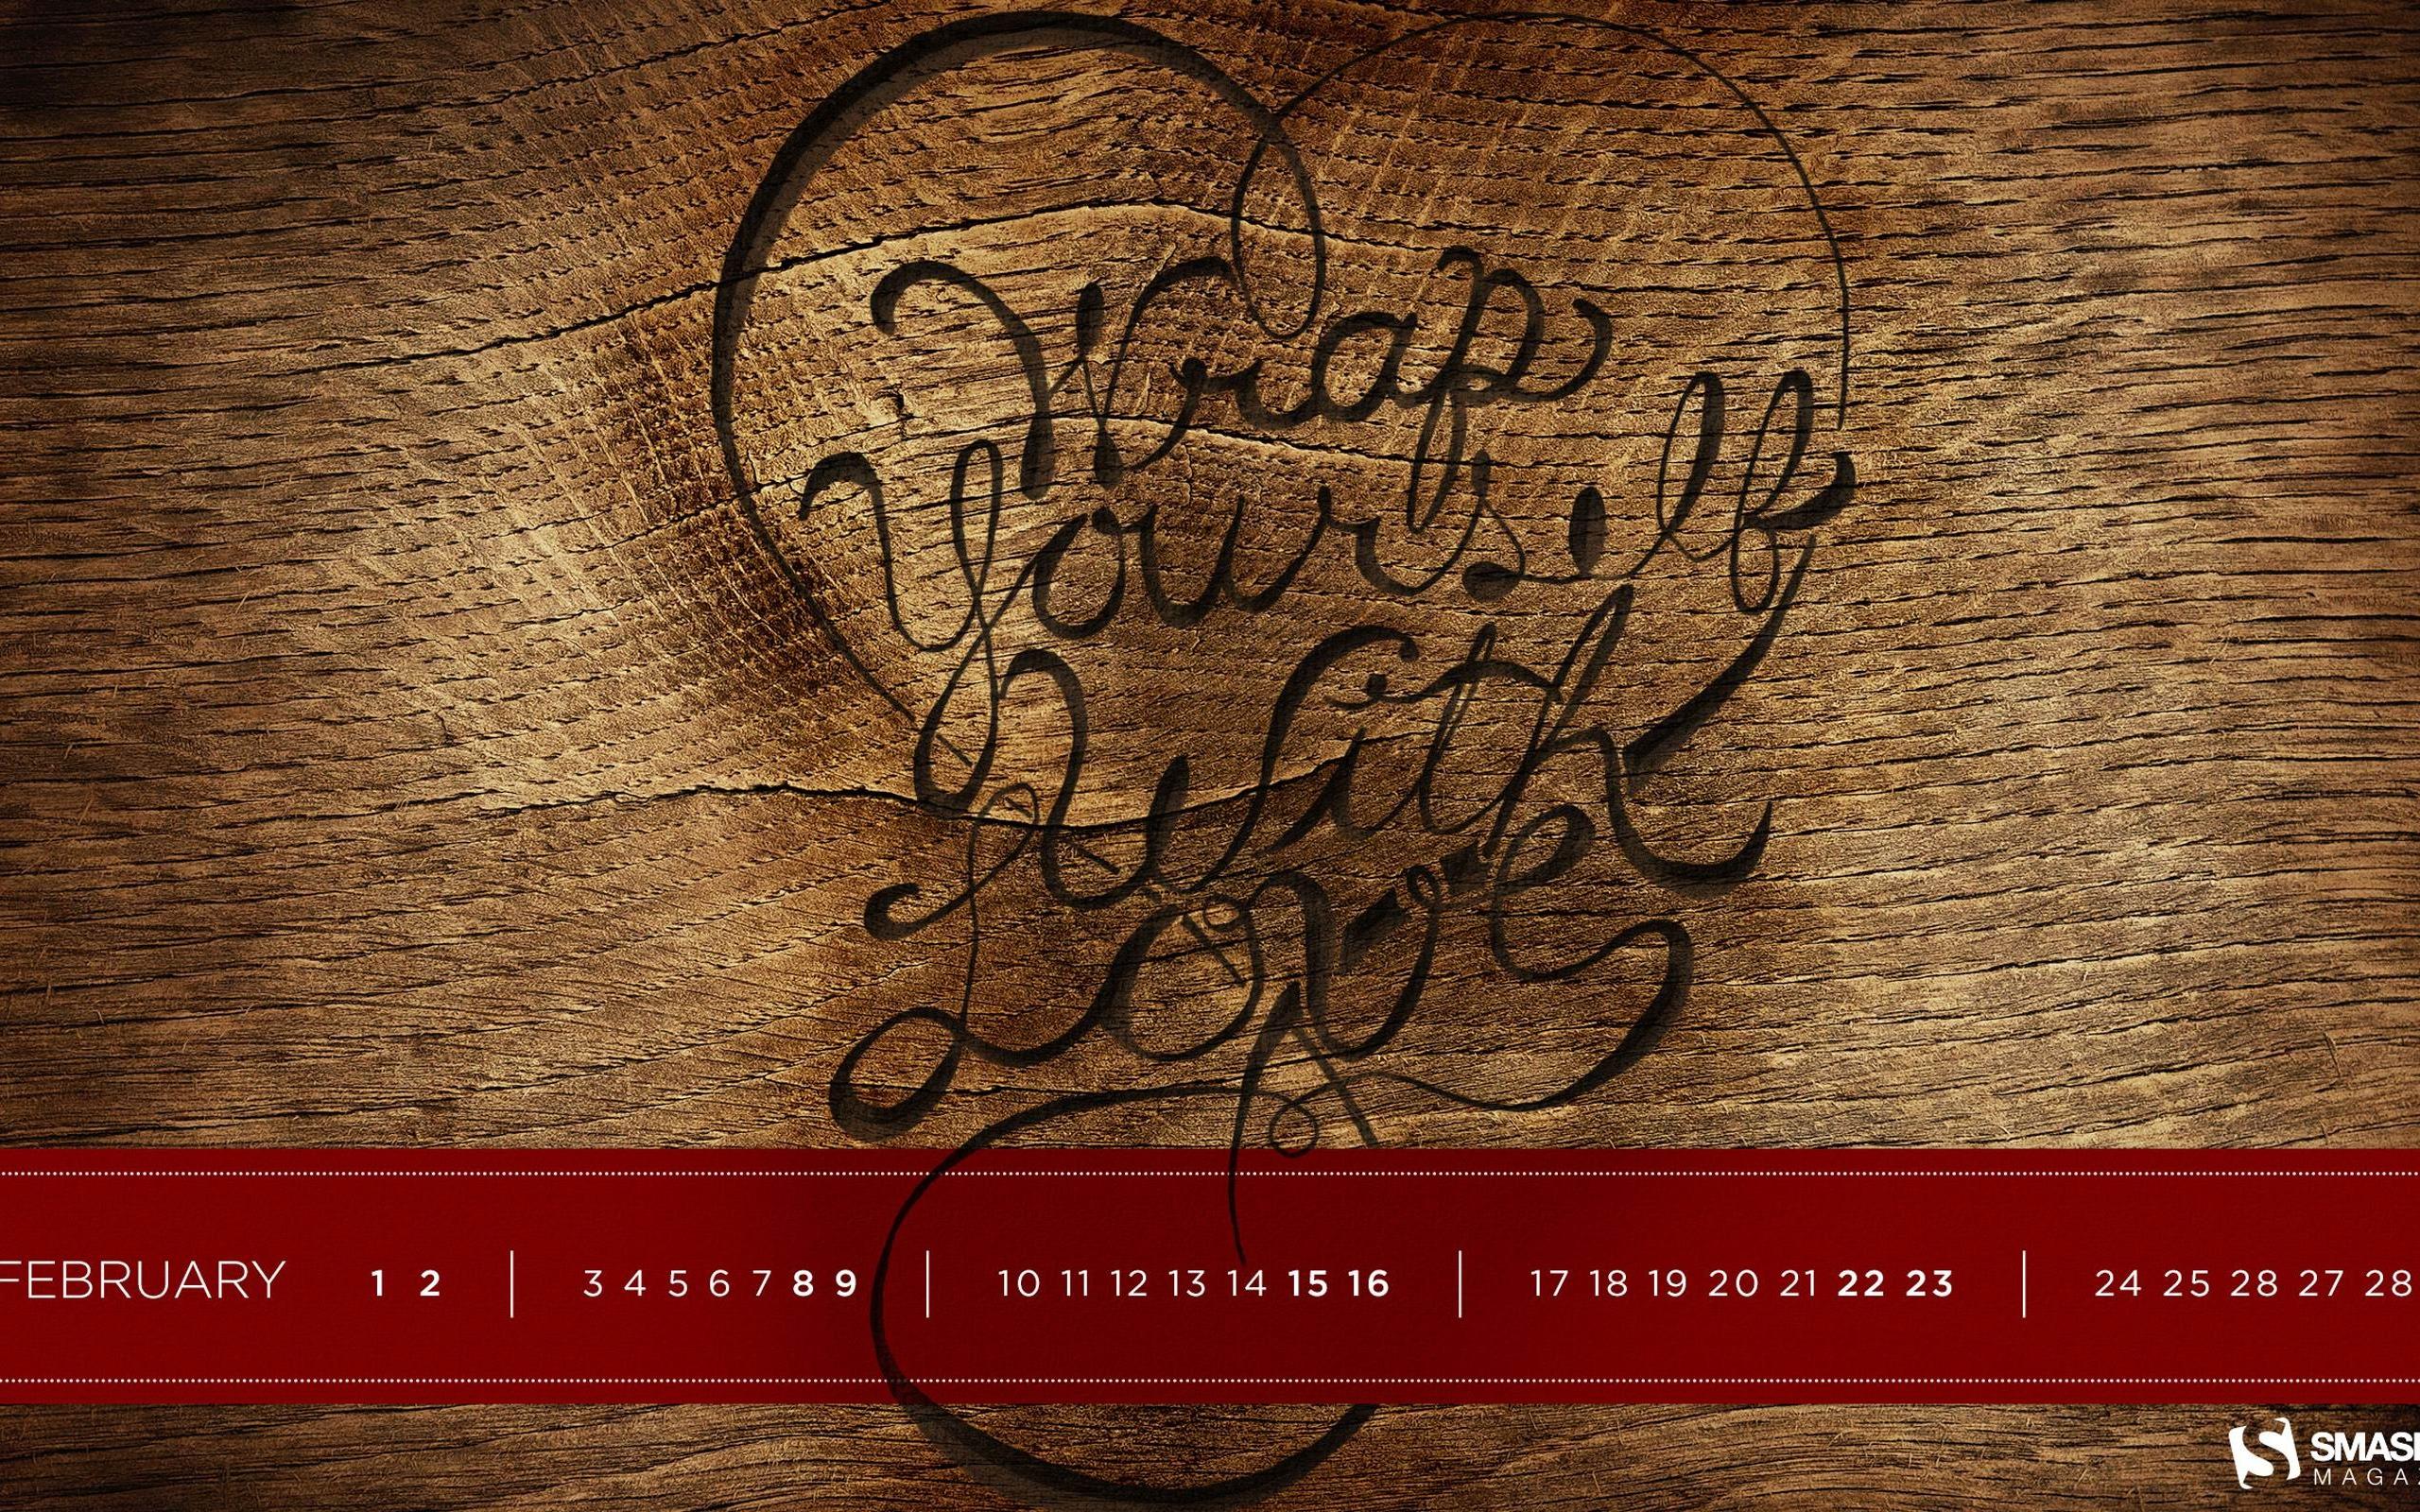 愛を自分でラップする 14年02月カレンダー壁紙プレビュー 10wallpaper Com